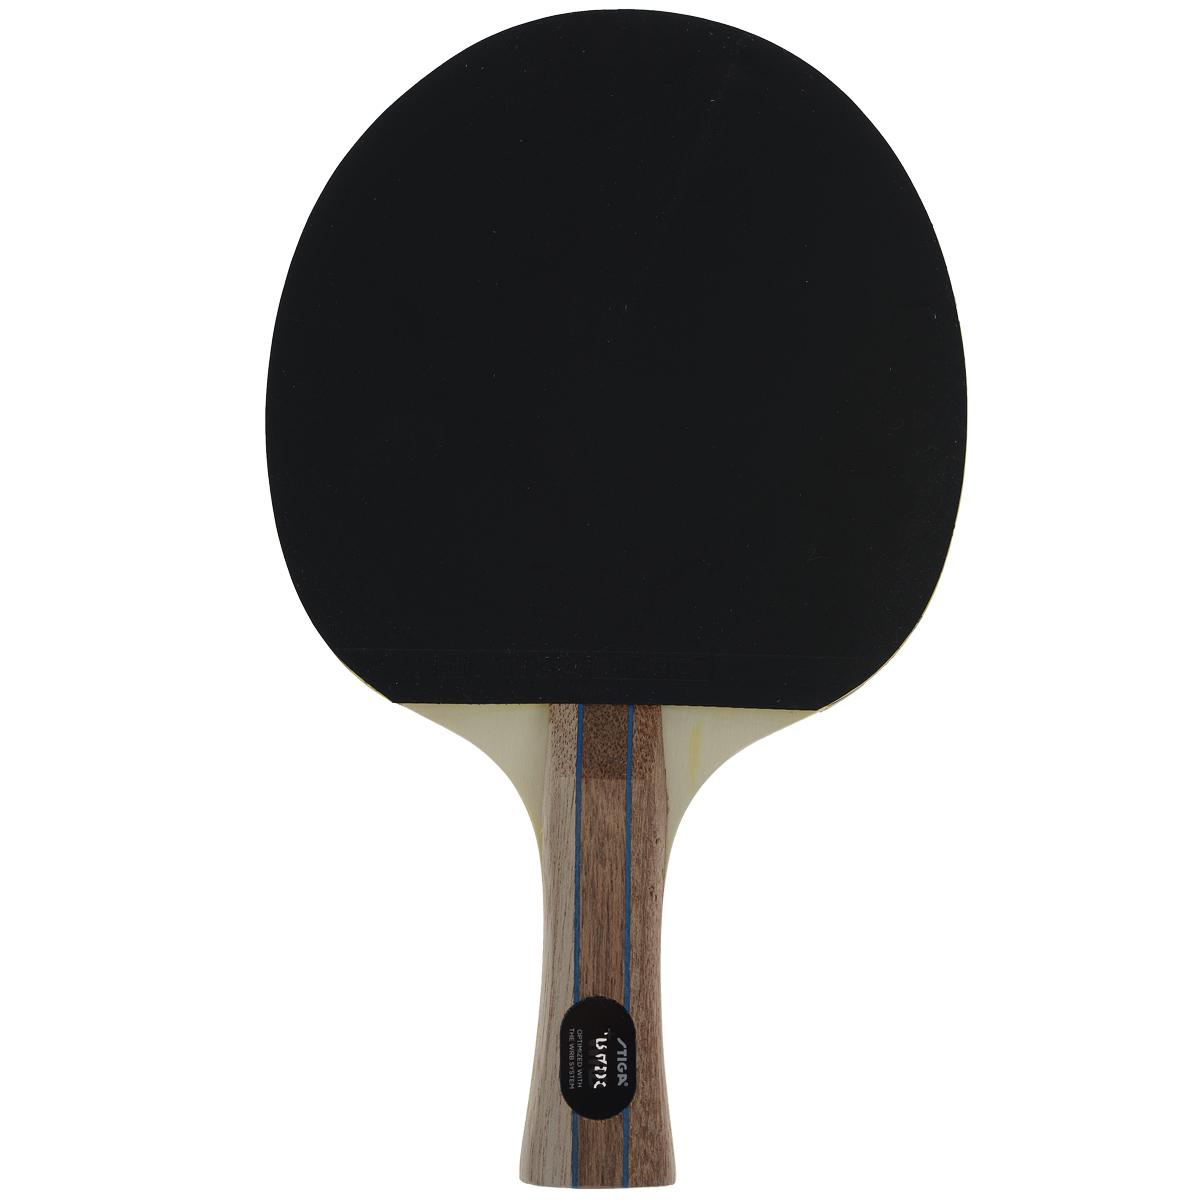 Ракетка для настольного тенниса Stiga Dorado228202Stiga Dorado - прекрасная ракетка для игроков, которые хотят намного больший контакт и контроль в их активной всесторонней игре. Основные характеристики: Контроль: 100. Скорость: 35. Кручение: 29. Ручка: Concave. Накладки: Magic 1.6.